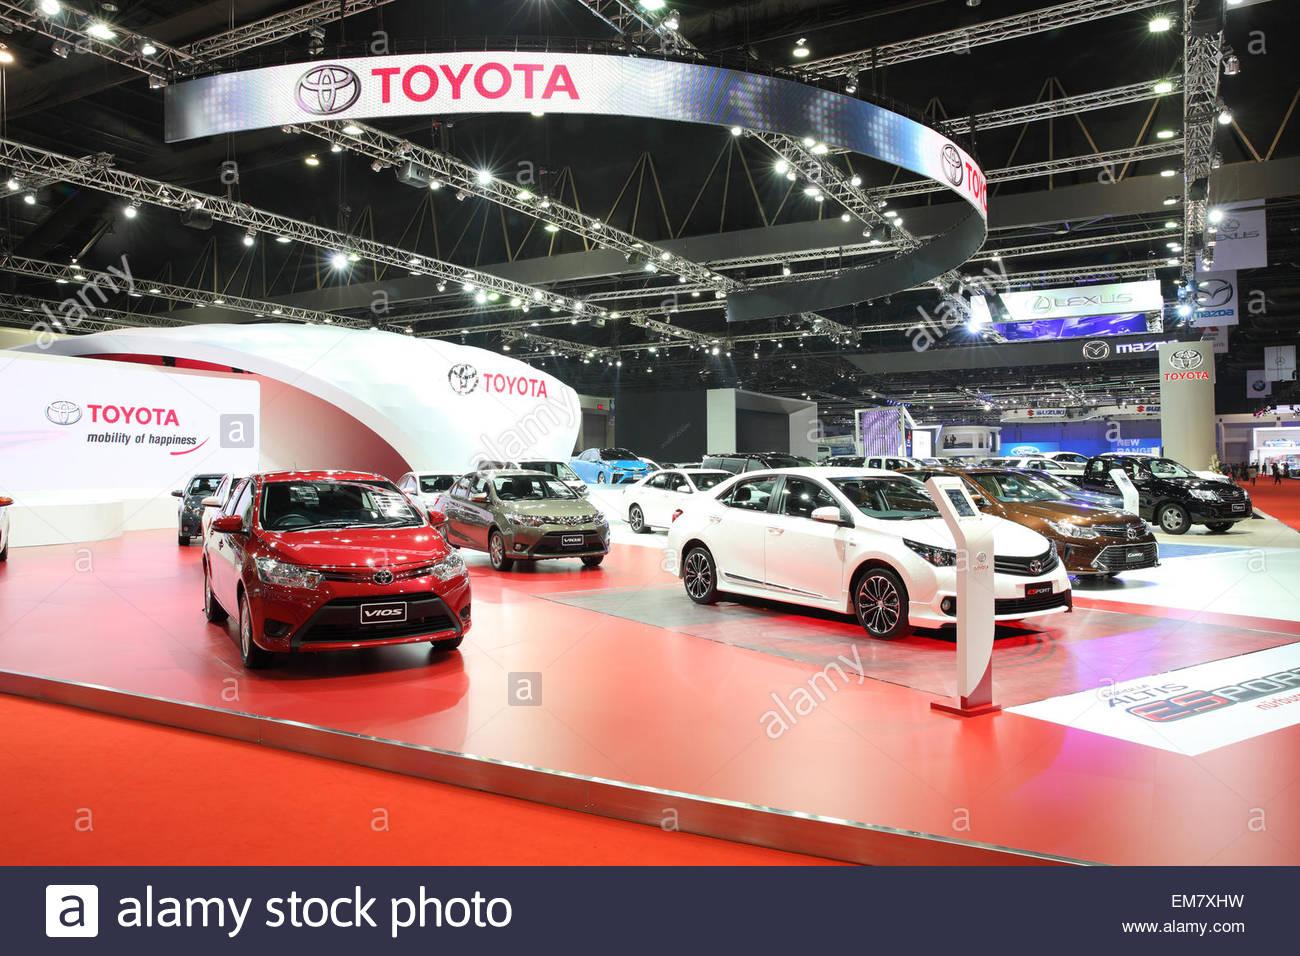 Kekurangan Showroom Toyota Tangguh